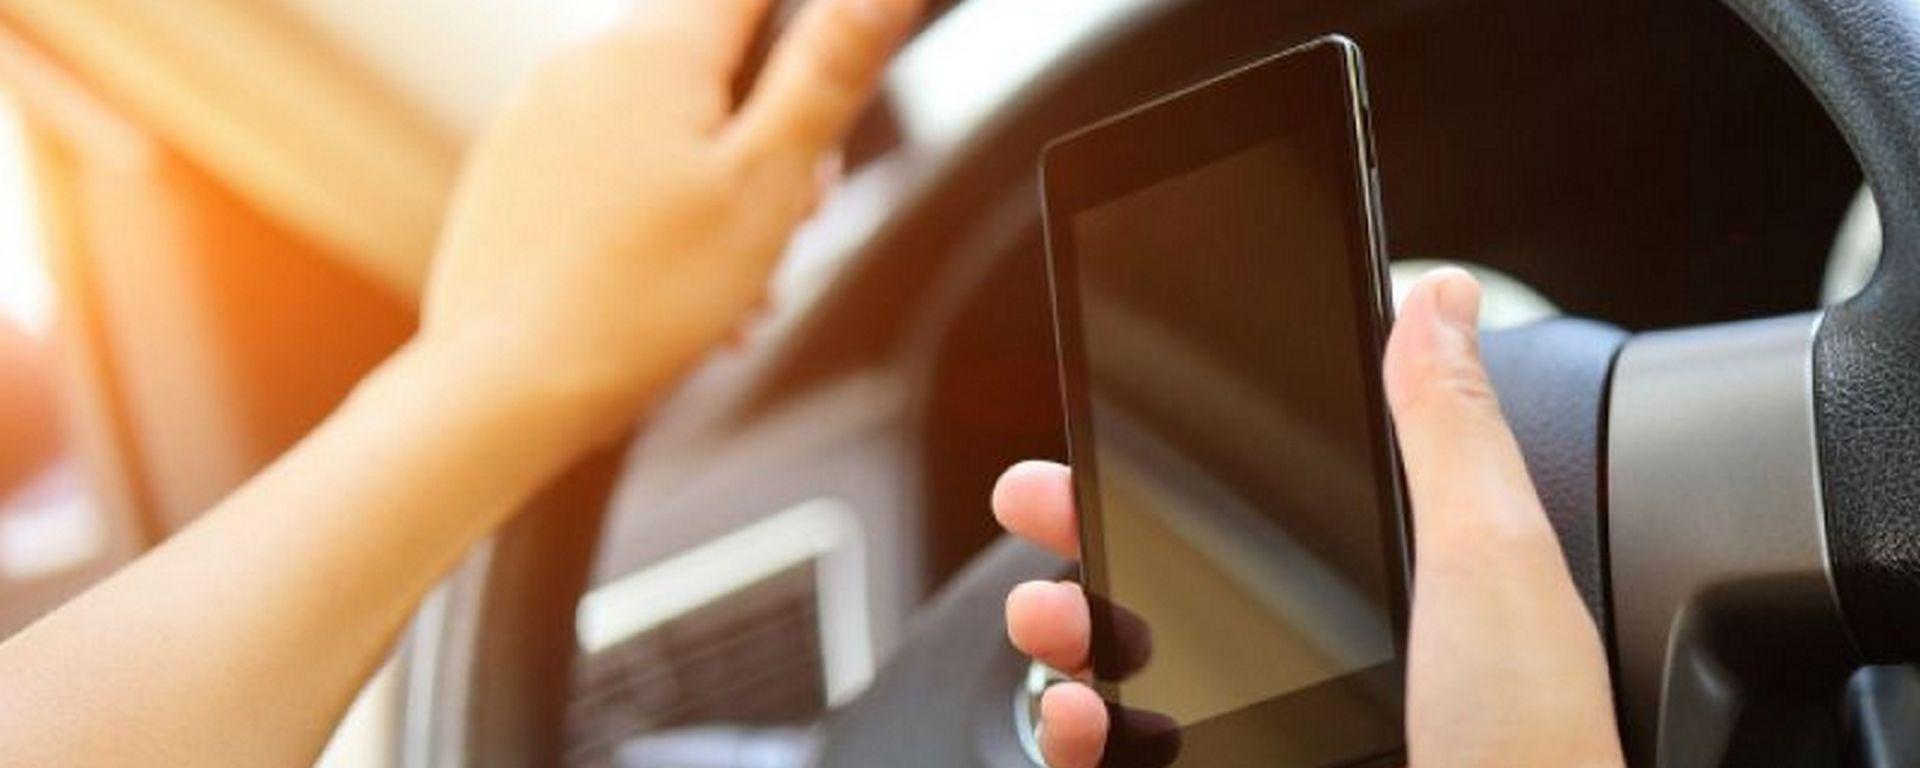 Smartphone alla guida: rischio -10 punti e 6 mesi di patente sospesa